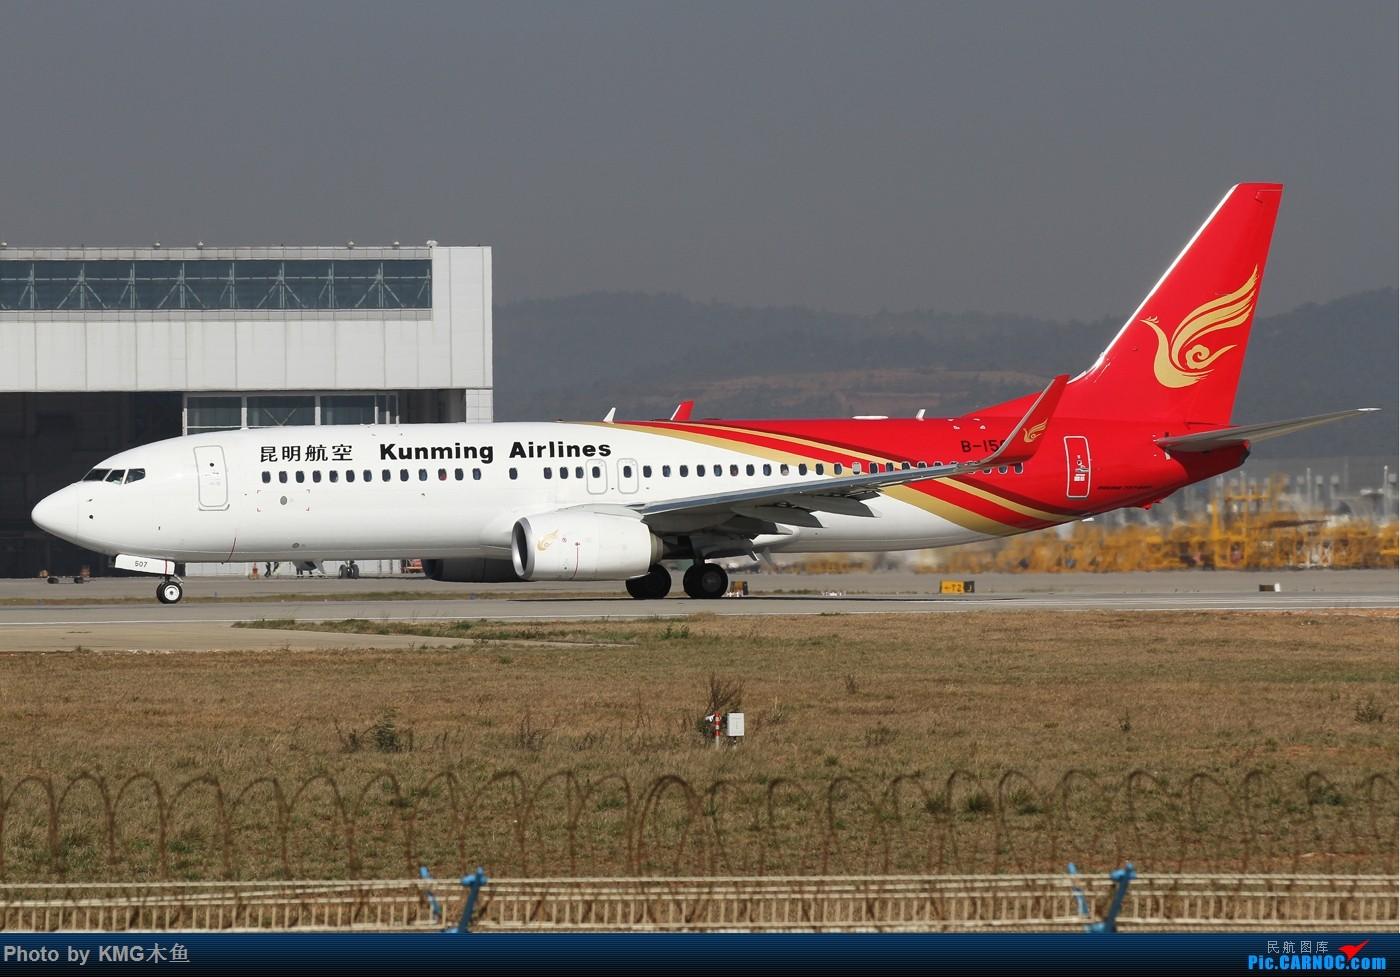 Re:[原创]【KMG昆明长水国际机场】好天气,拍到了好灰机,愉快的一天 BOEING 737-800 B-1507 中国昆明长水国际机场